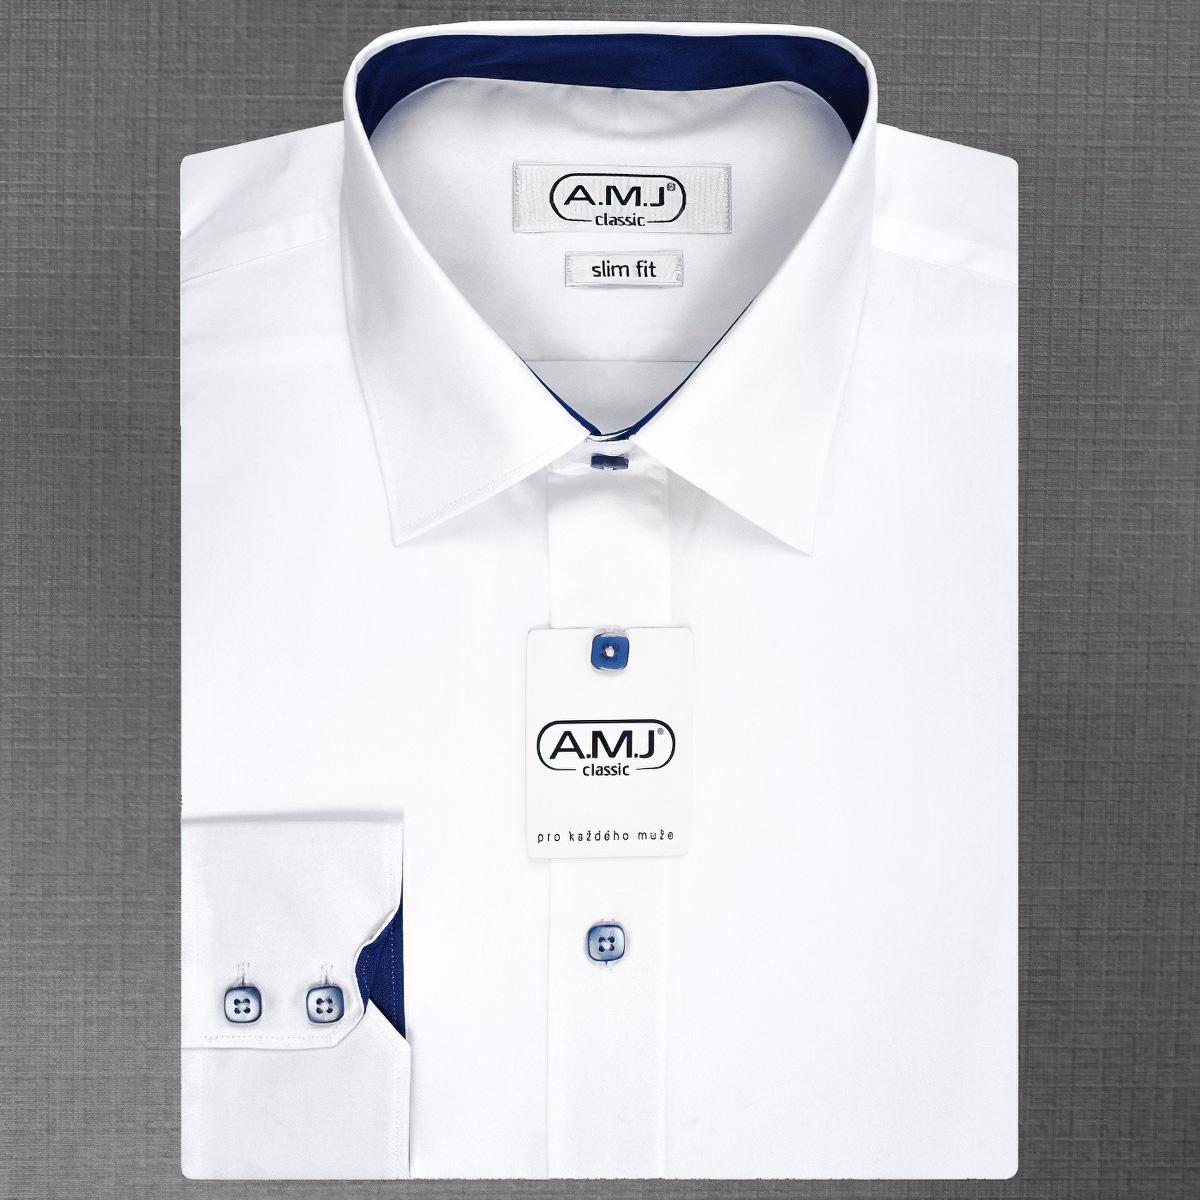 Pánská košile AMJ jednobarevná JDPSR018M, bílá, dlouhý rukáv, prodloužená délka, slim fit